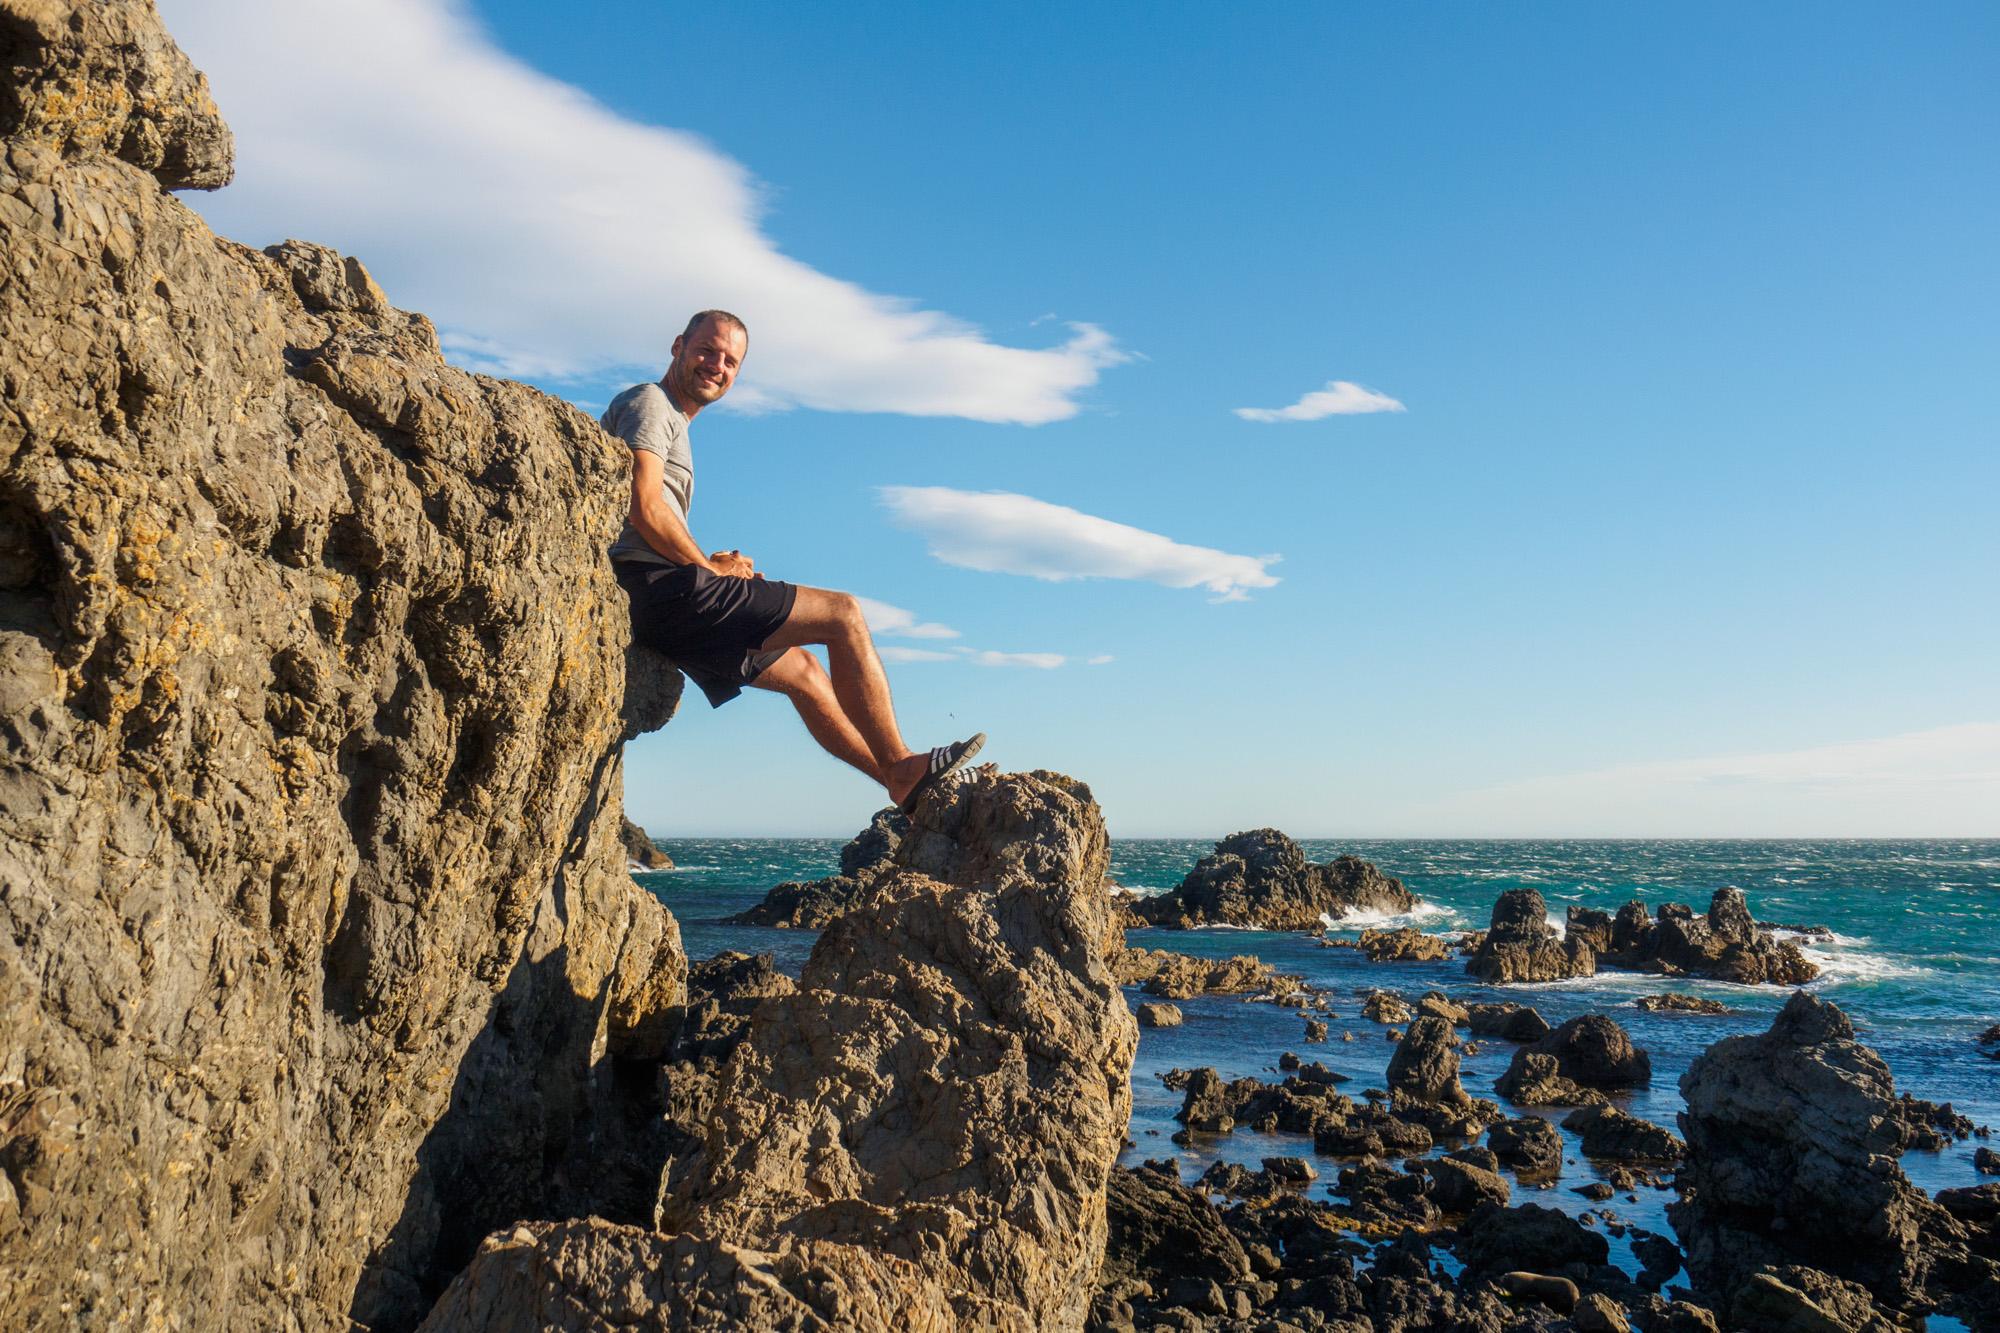 Cape Palliser - Beste Plätze für die Beobachtung von Fellrobben